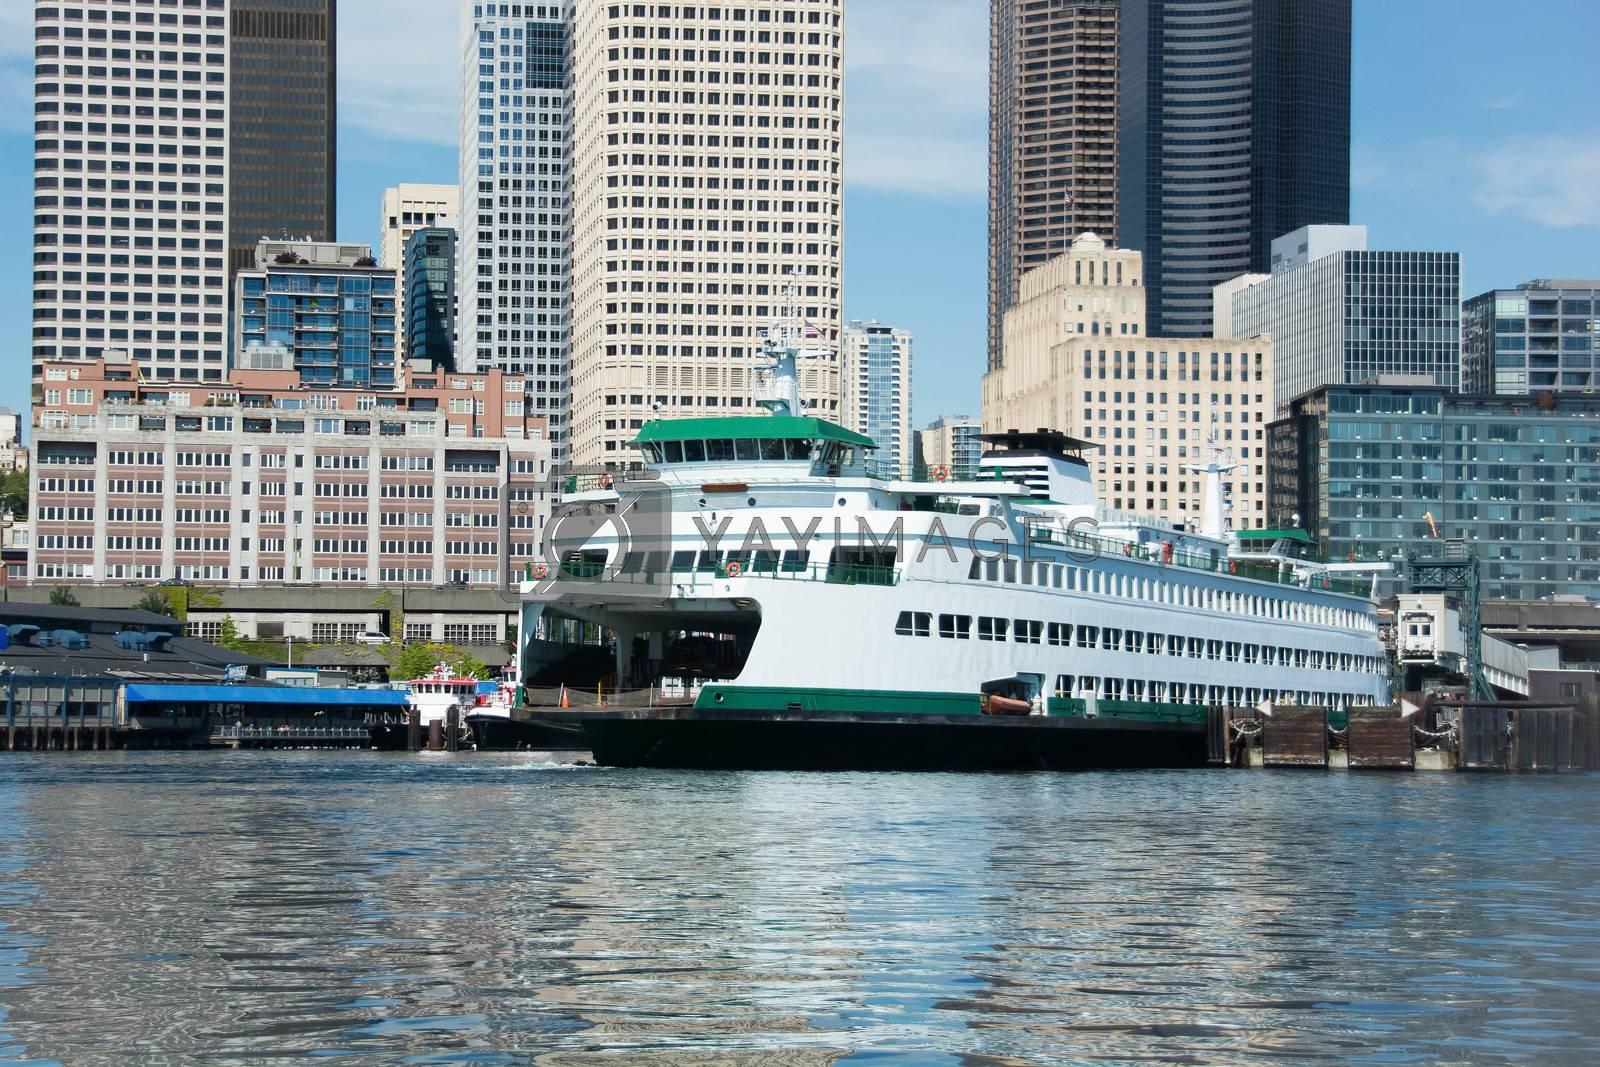 Ferry awaits departure on Elliott Bay - Seattle, WA